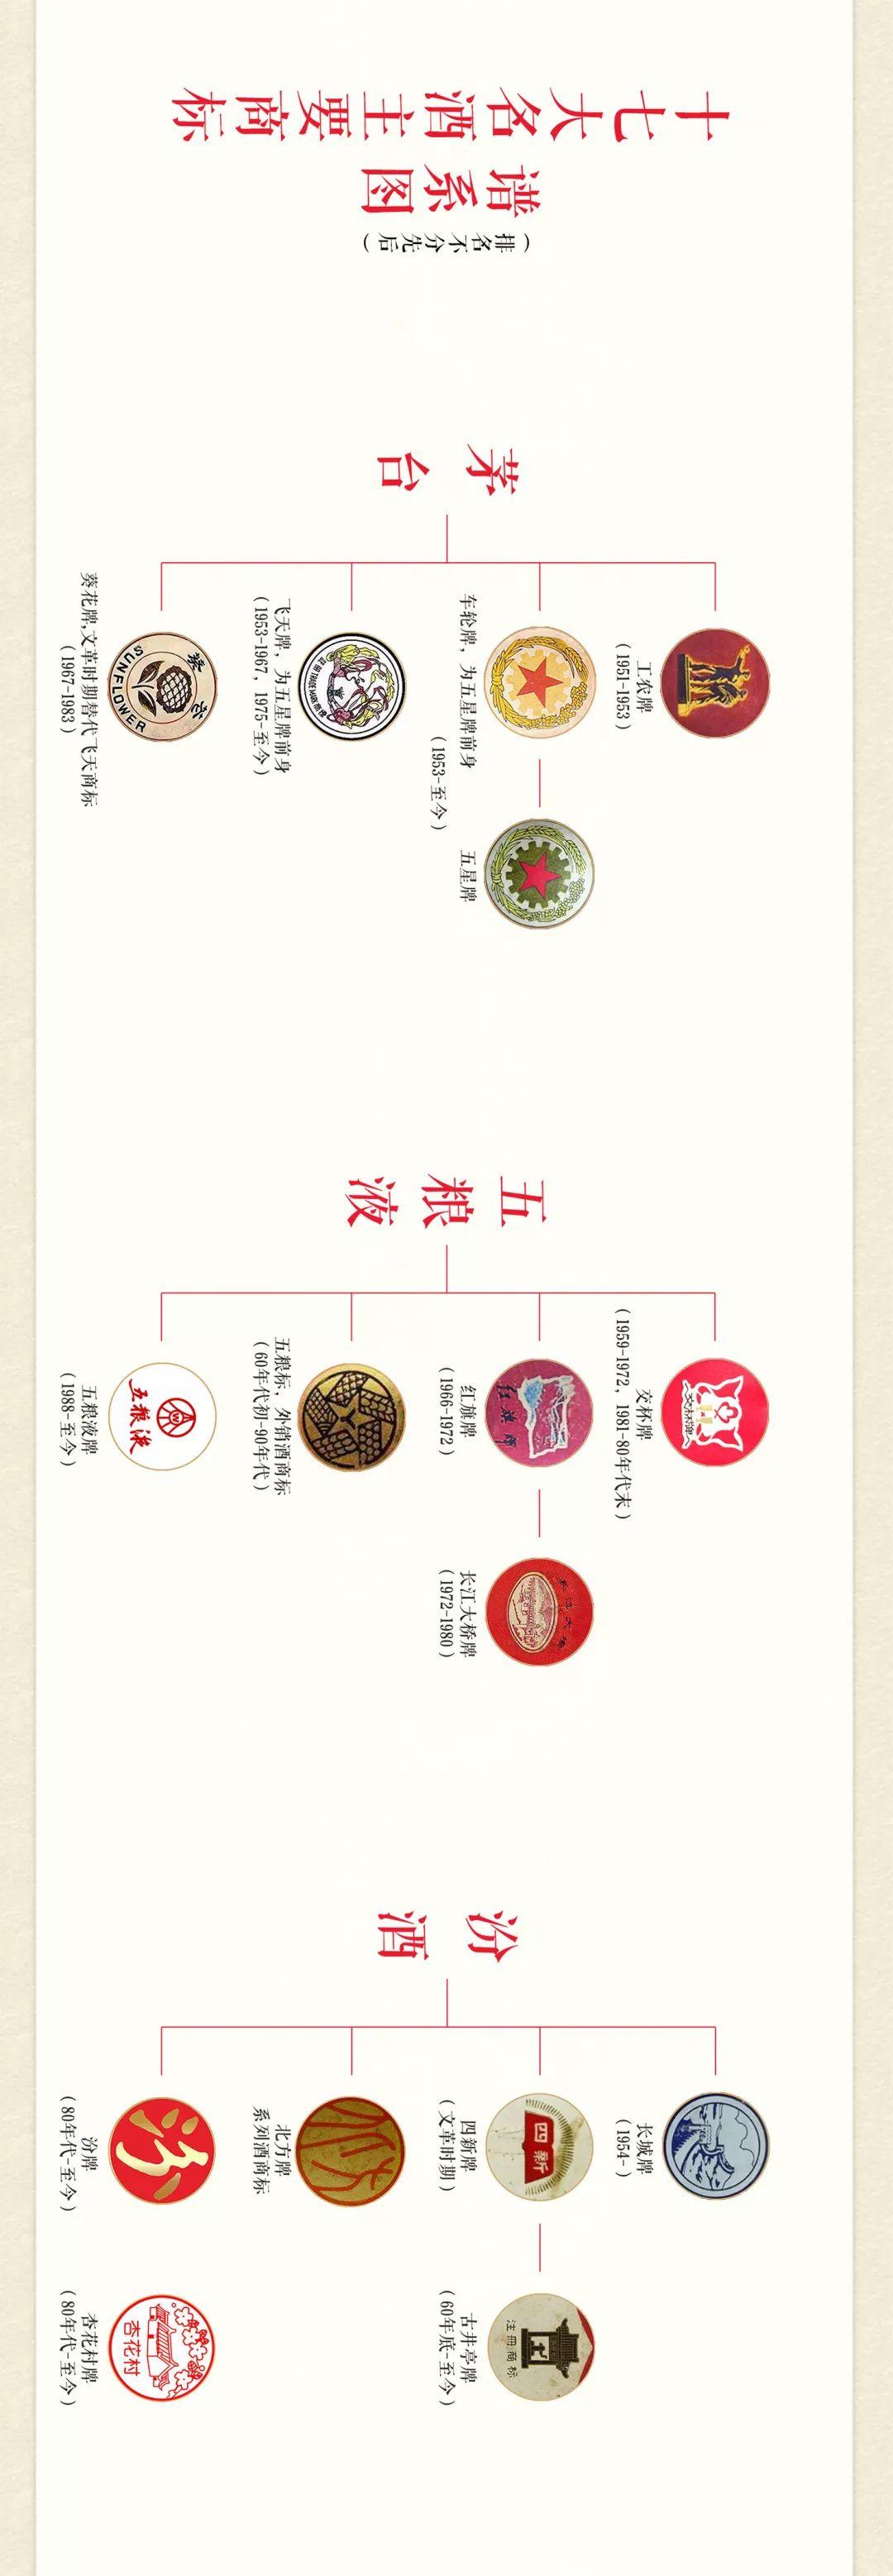 商标 一文读懂17大名酒商标谱系图